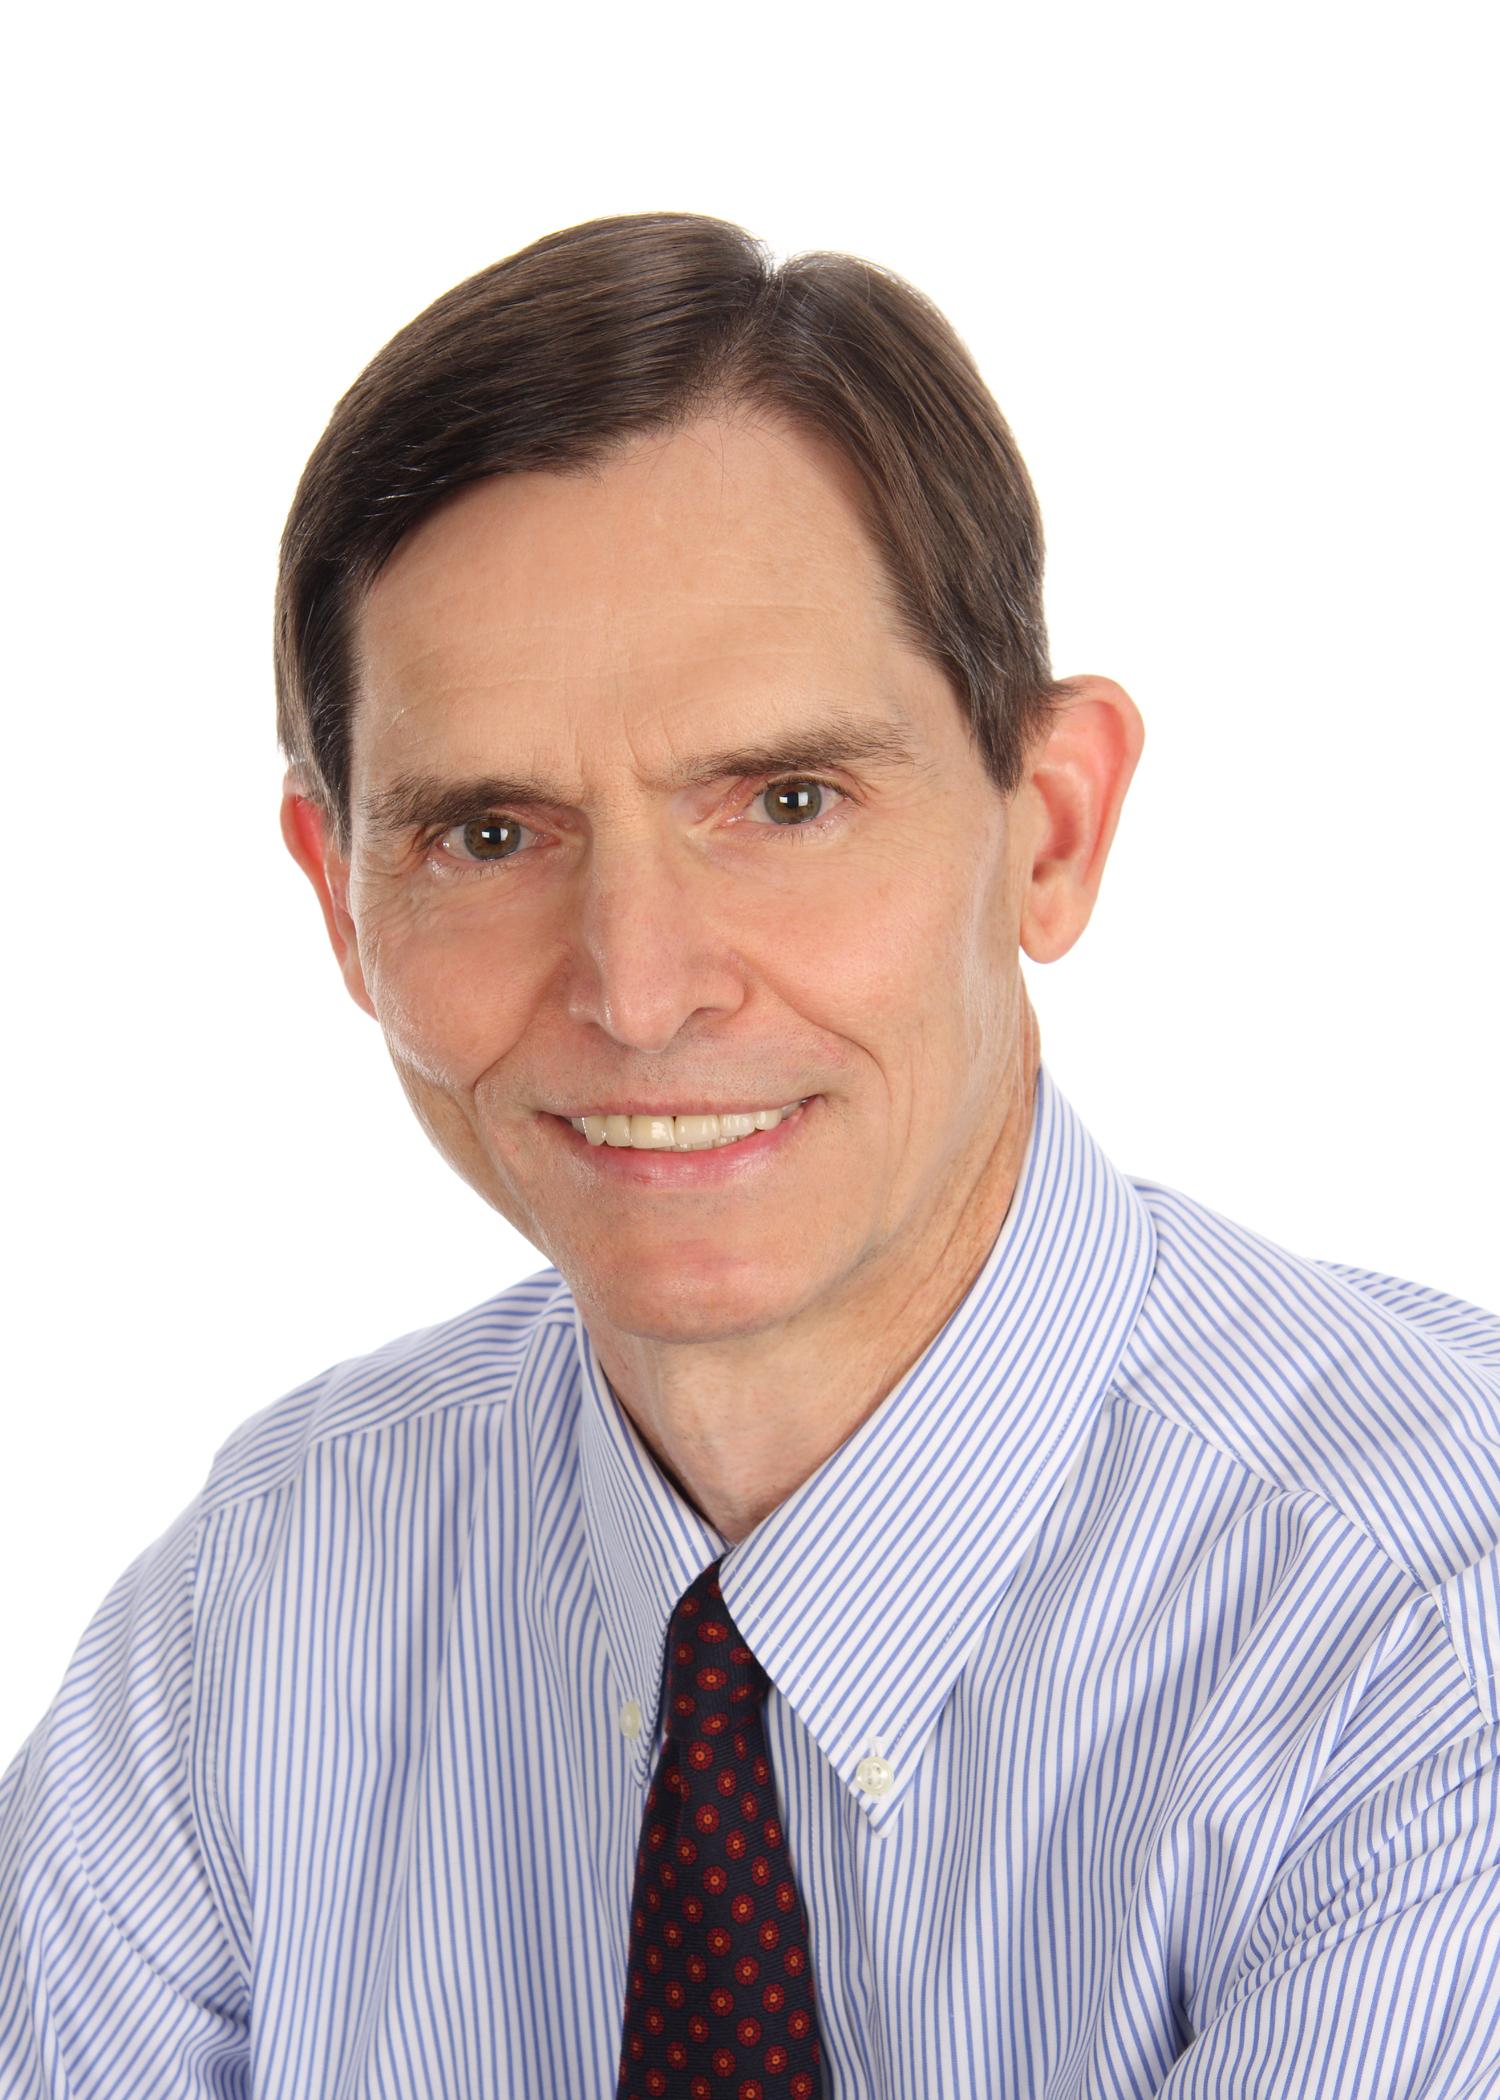 Lonnie Whitaker